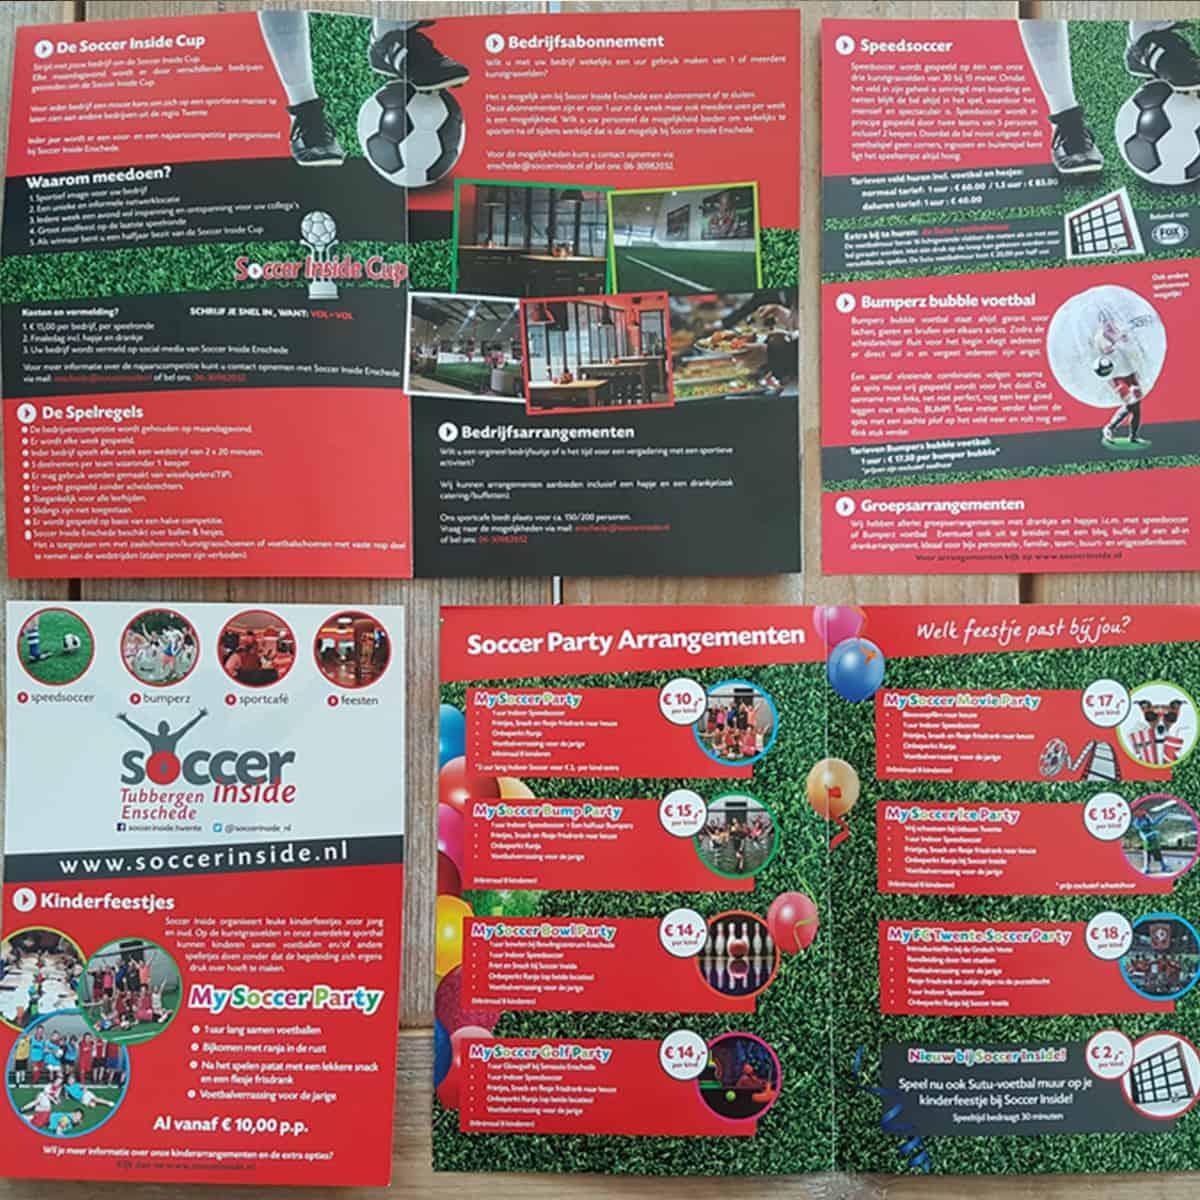 huisstijl-uitingen-flyers-folders-soccer-inside-burobedenkt